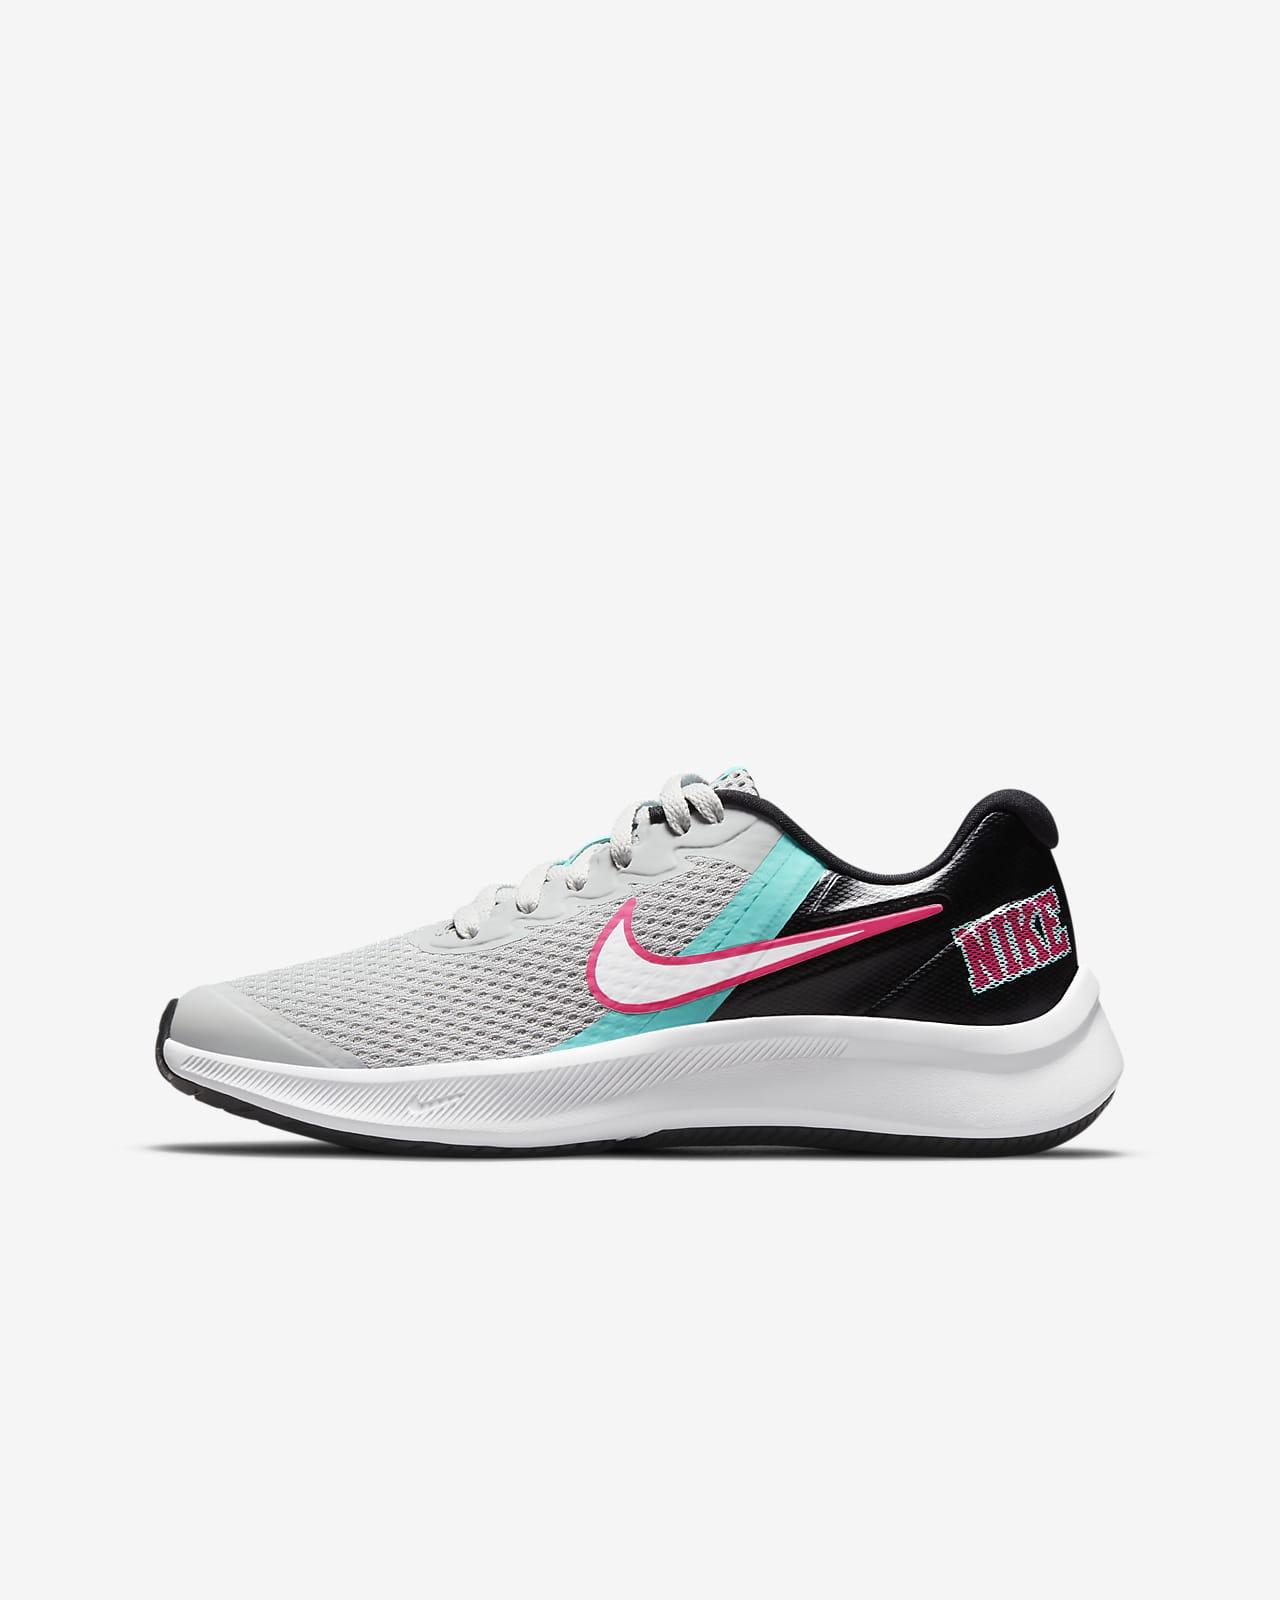 Nike Star Runner 3 SE Older Kids' Road Running Shoes